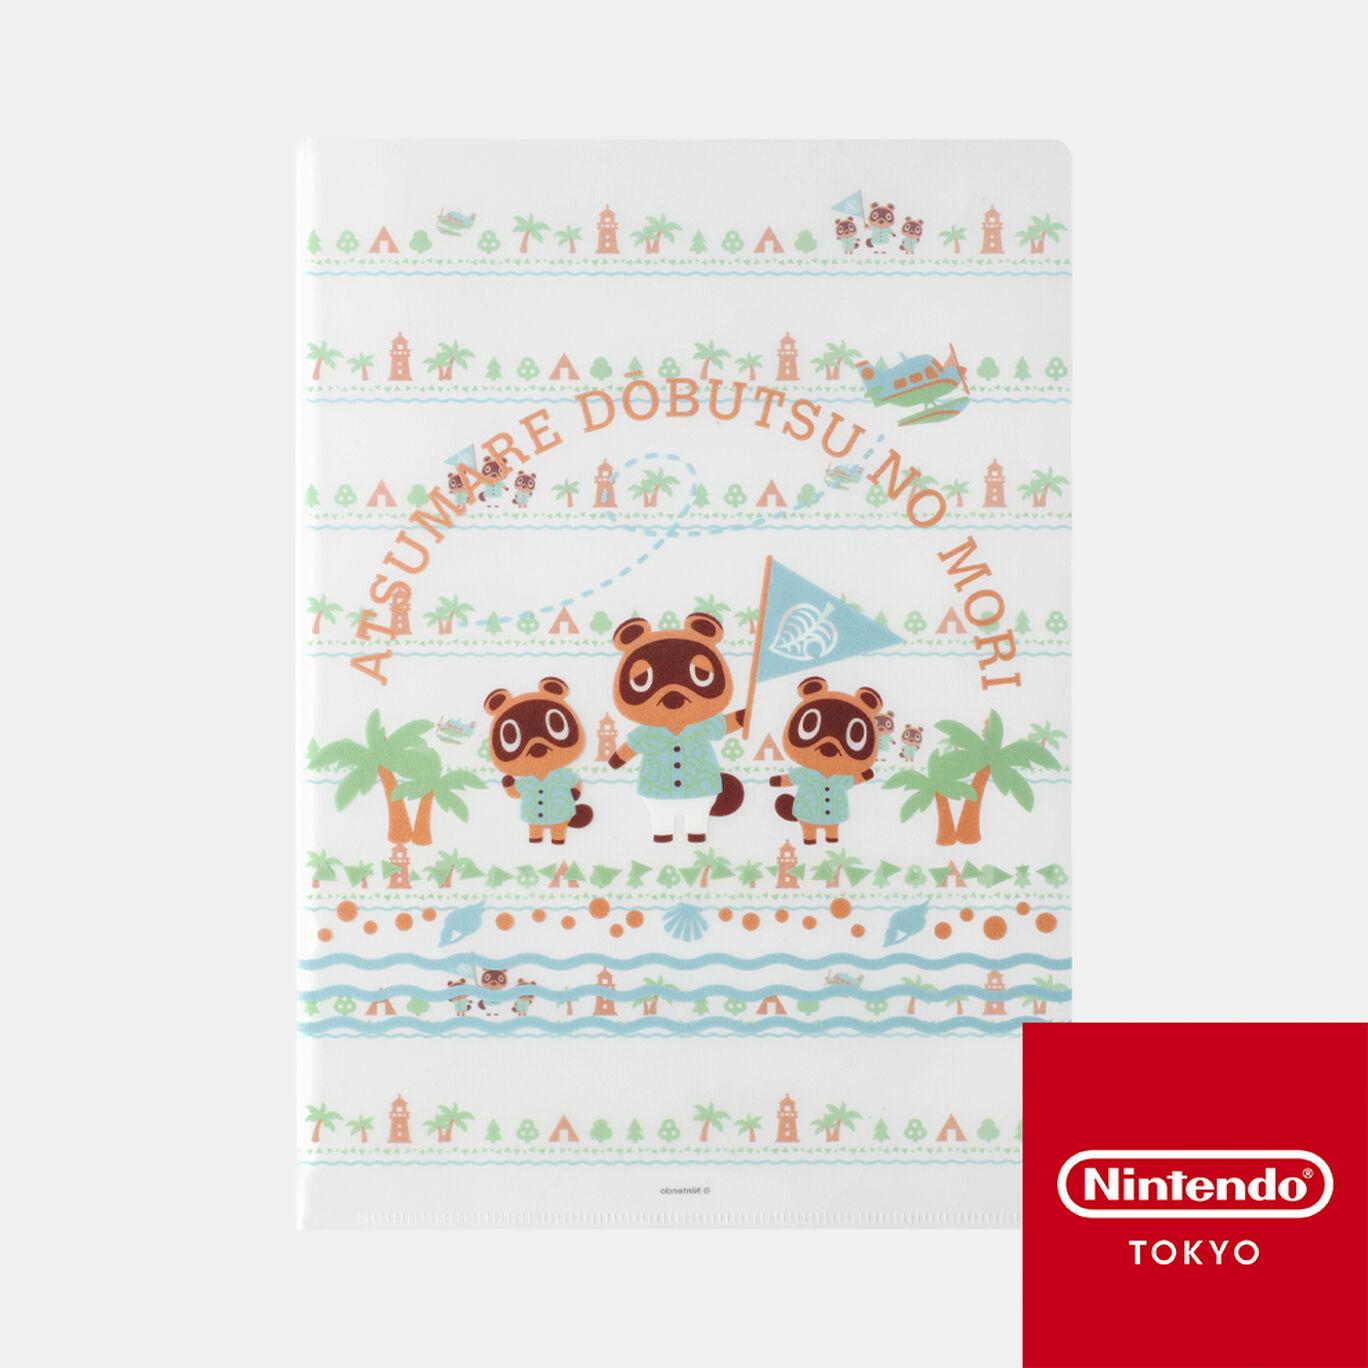 クリアファイルB あつまれ どうぶつの森【Nintendo TOKYO取り扱い商品】